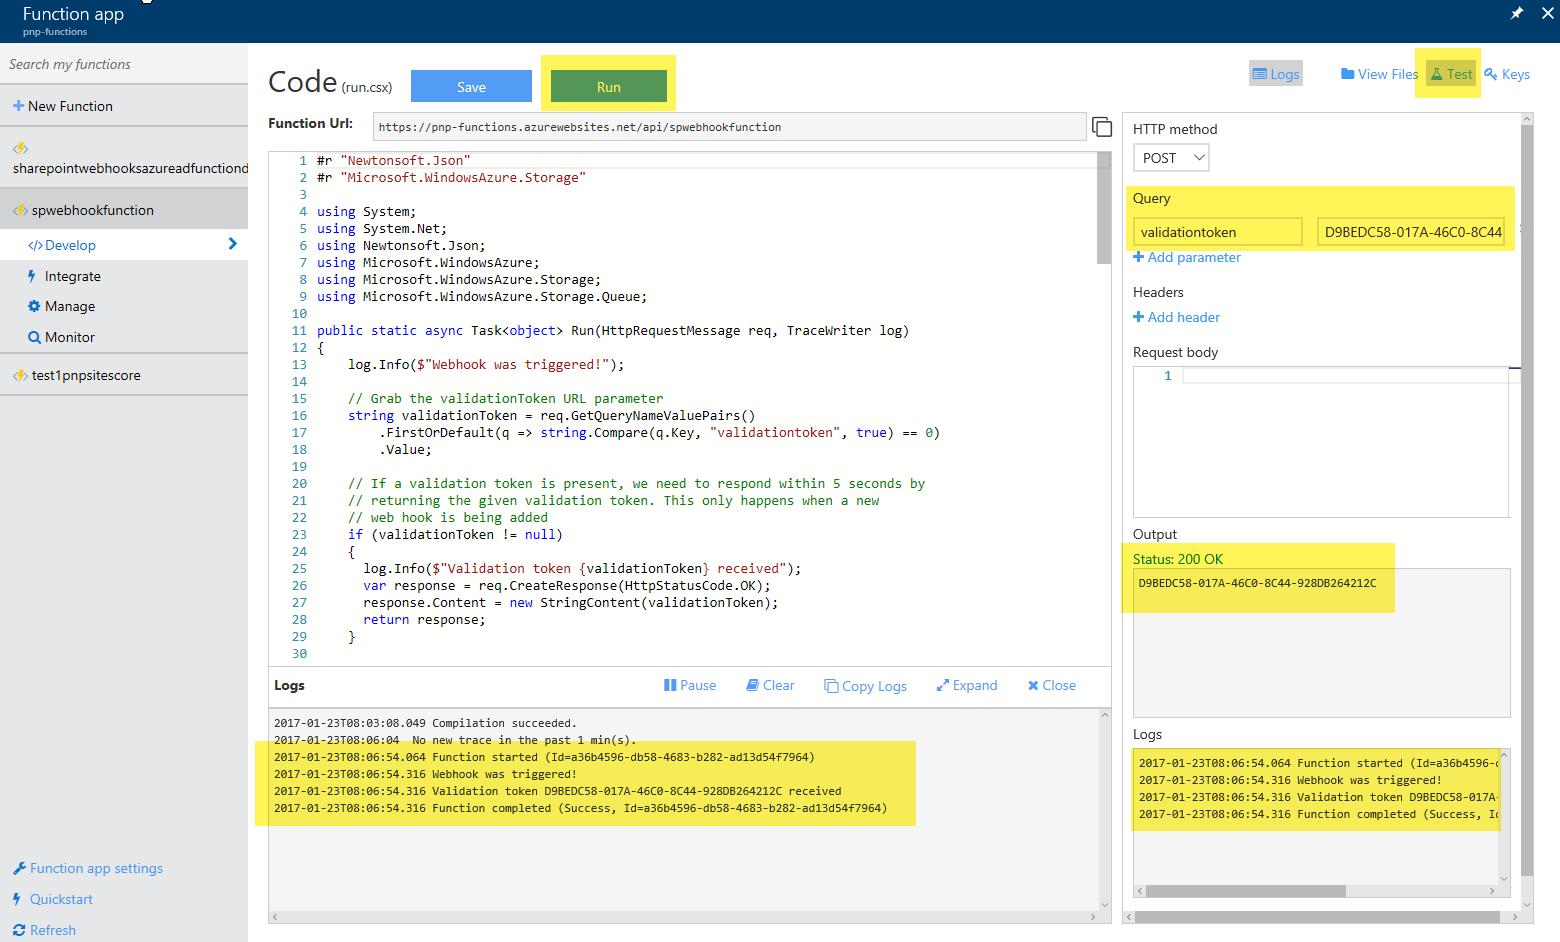 Using Azure Functions with SharePoint webhooks | Microsoft Docs